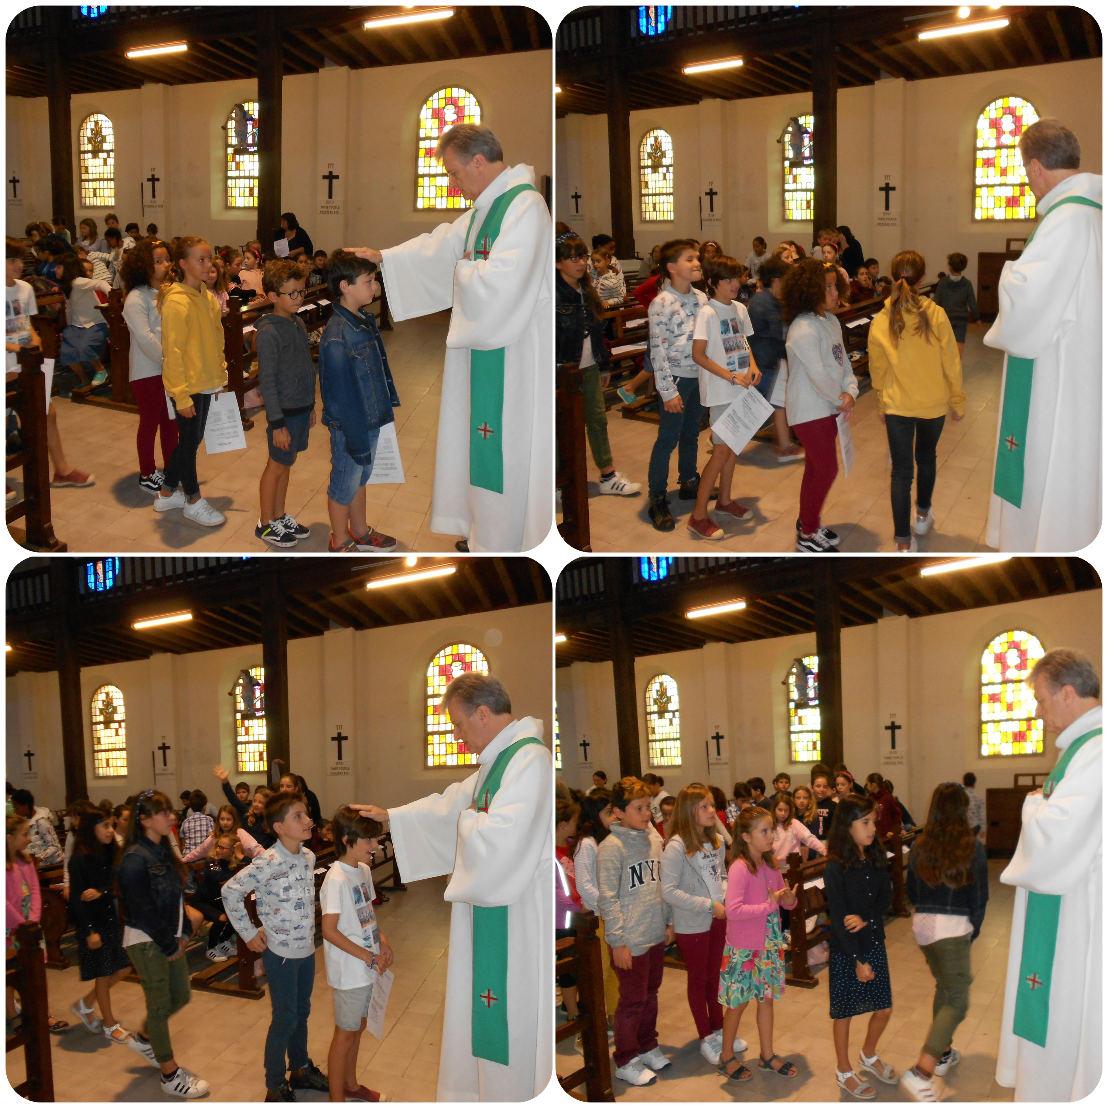 Un par un, les enfants ont été accueillis et bénis par le prêtre au nom de Jésus